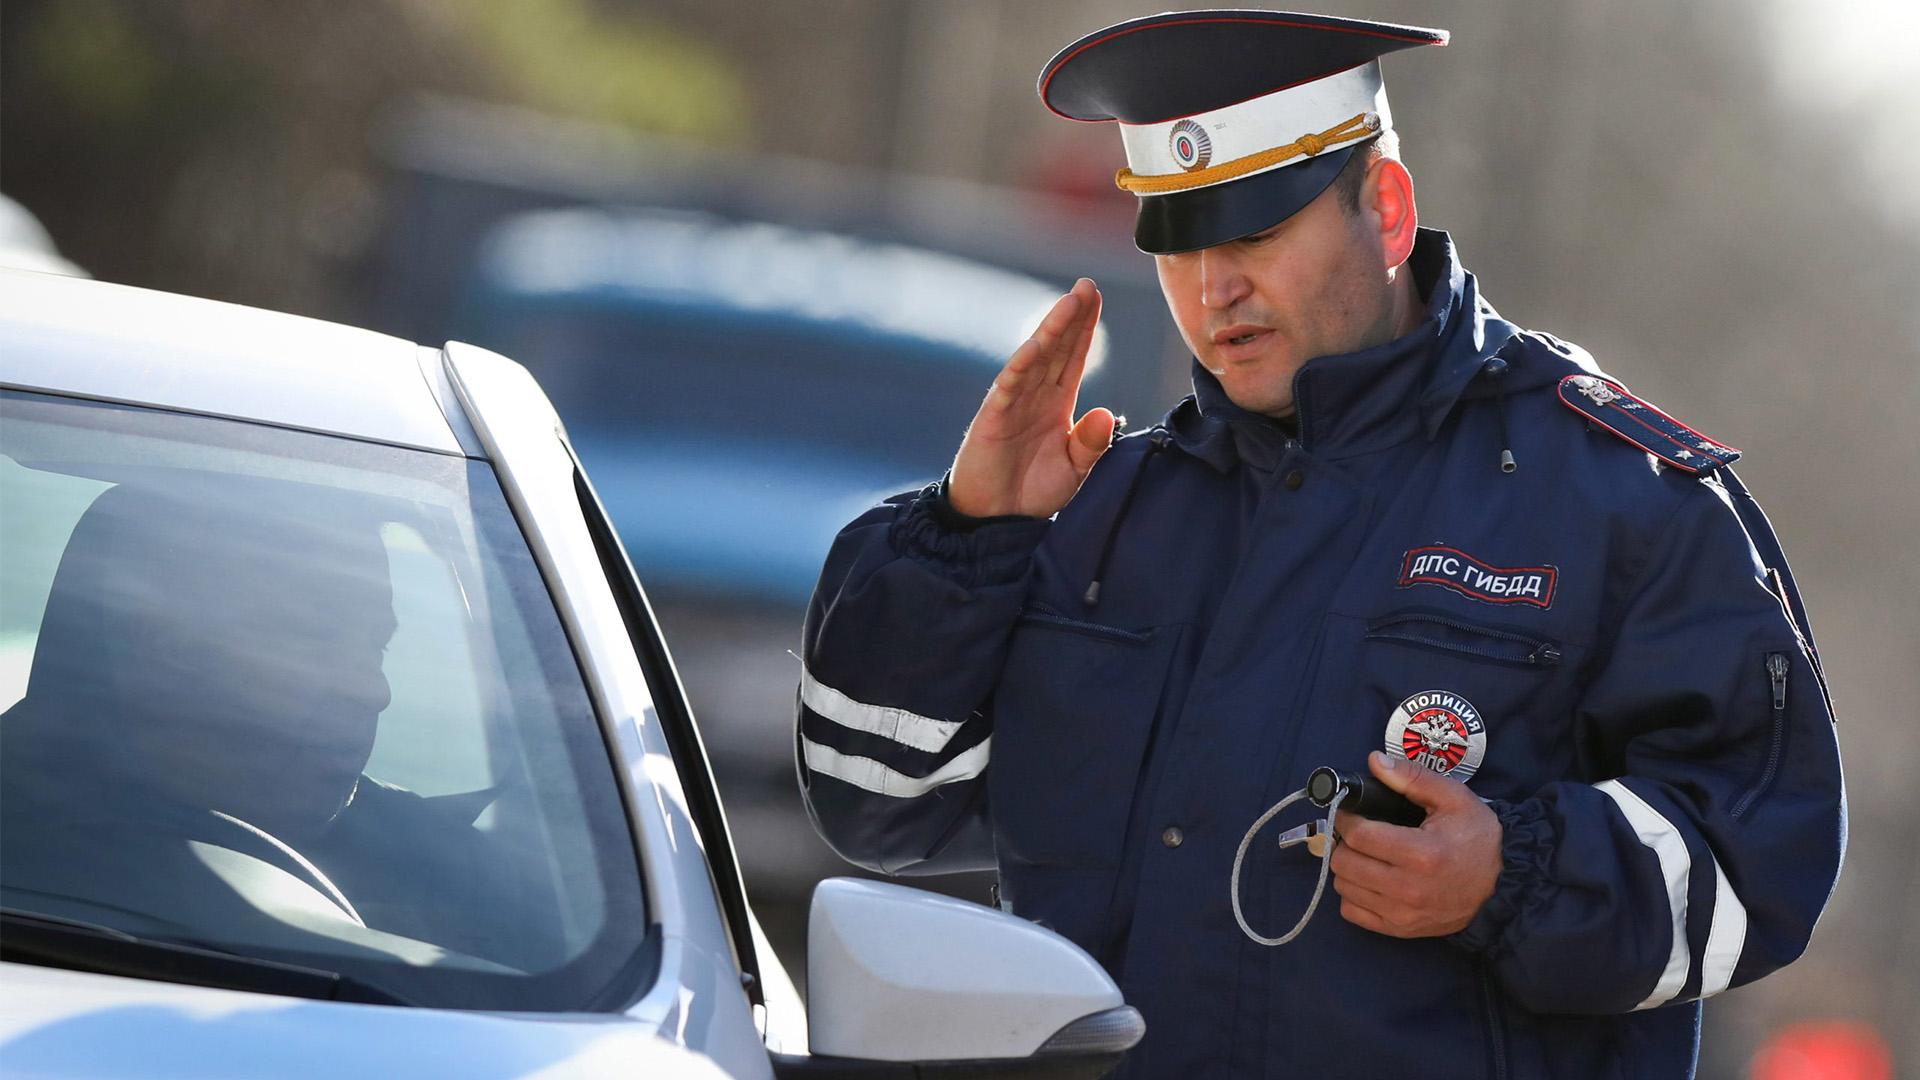 В МВД назвали ситуации, при которых инспектора могут использовать автомобили граждан